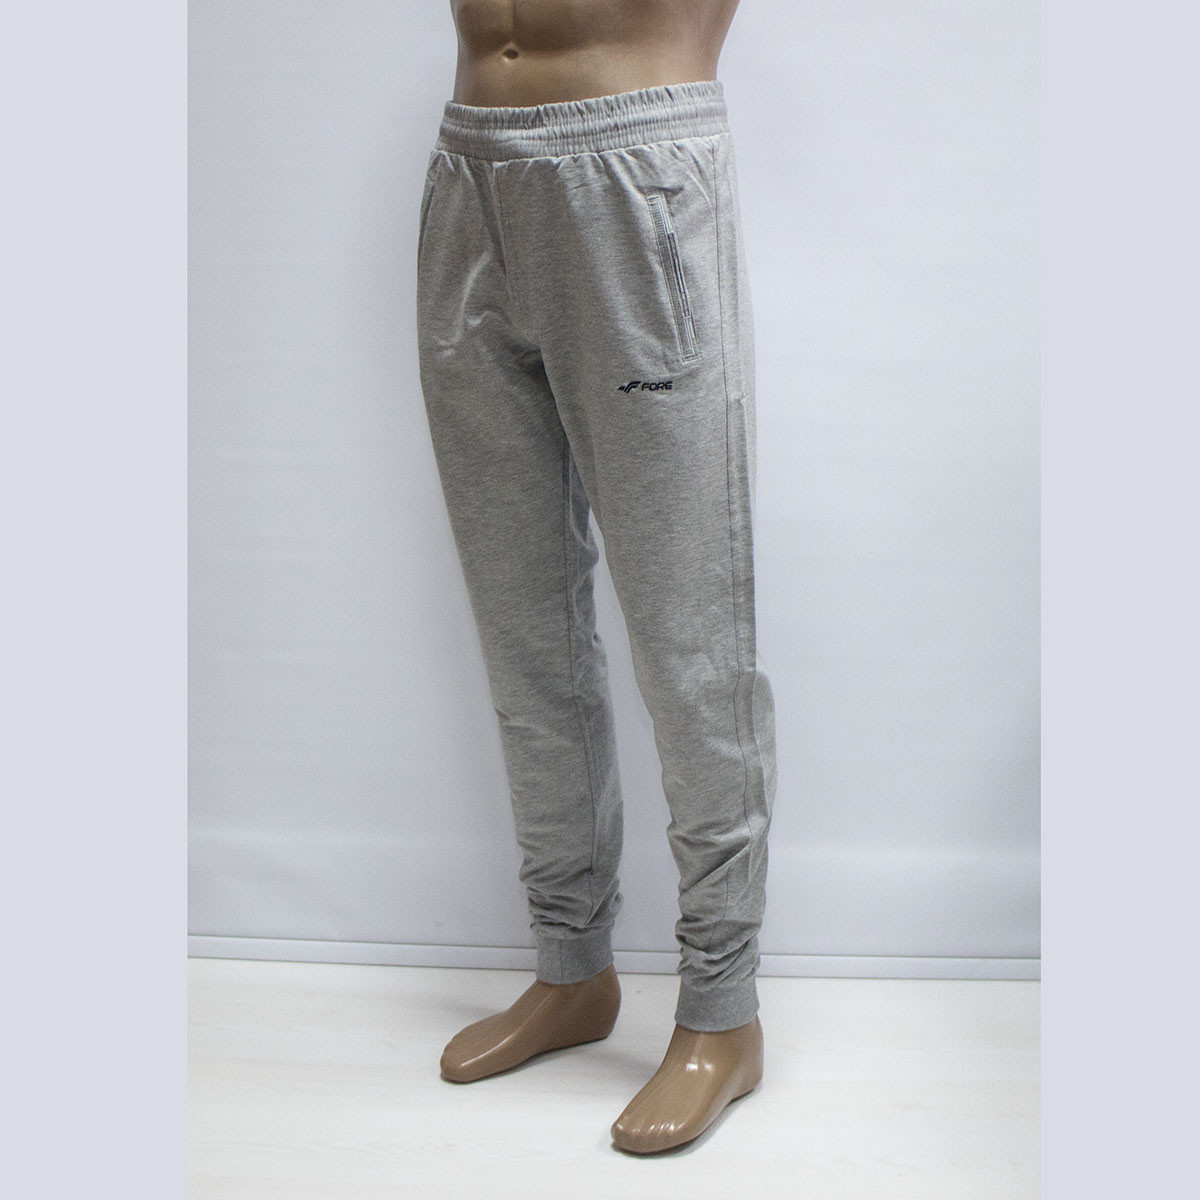 84aa3dcd Мужские турецкие светло-серые спортивные штаны под манжет тм. FORE 9574N